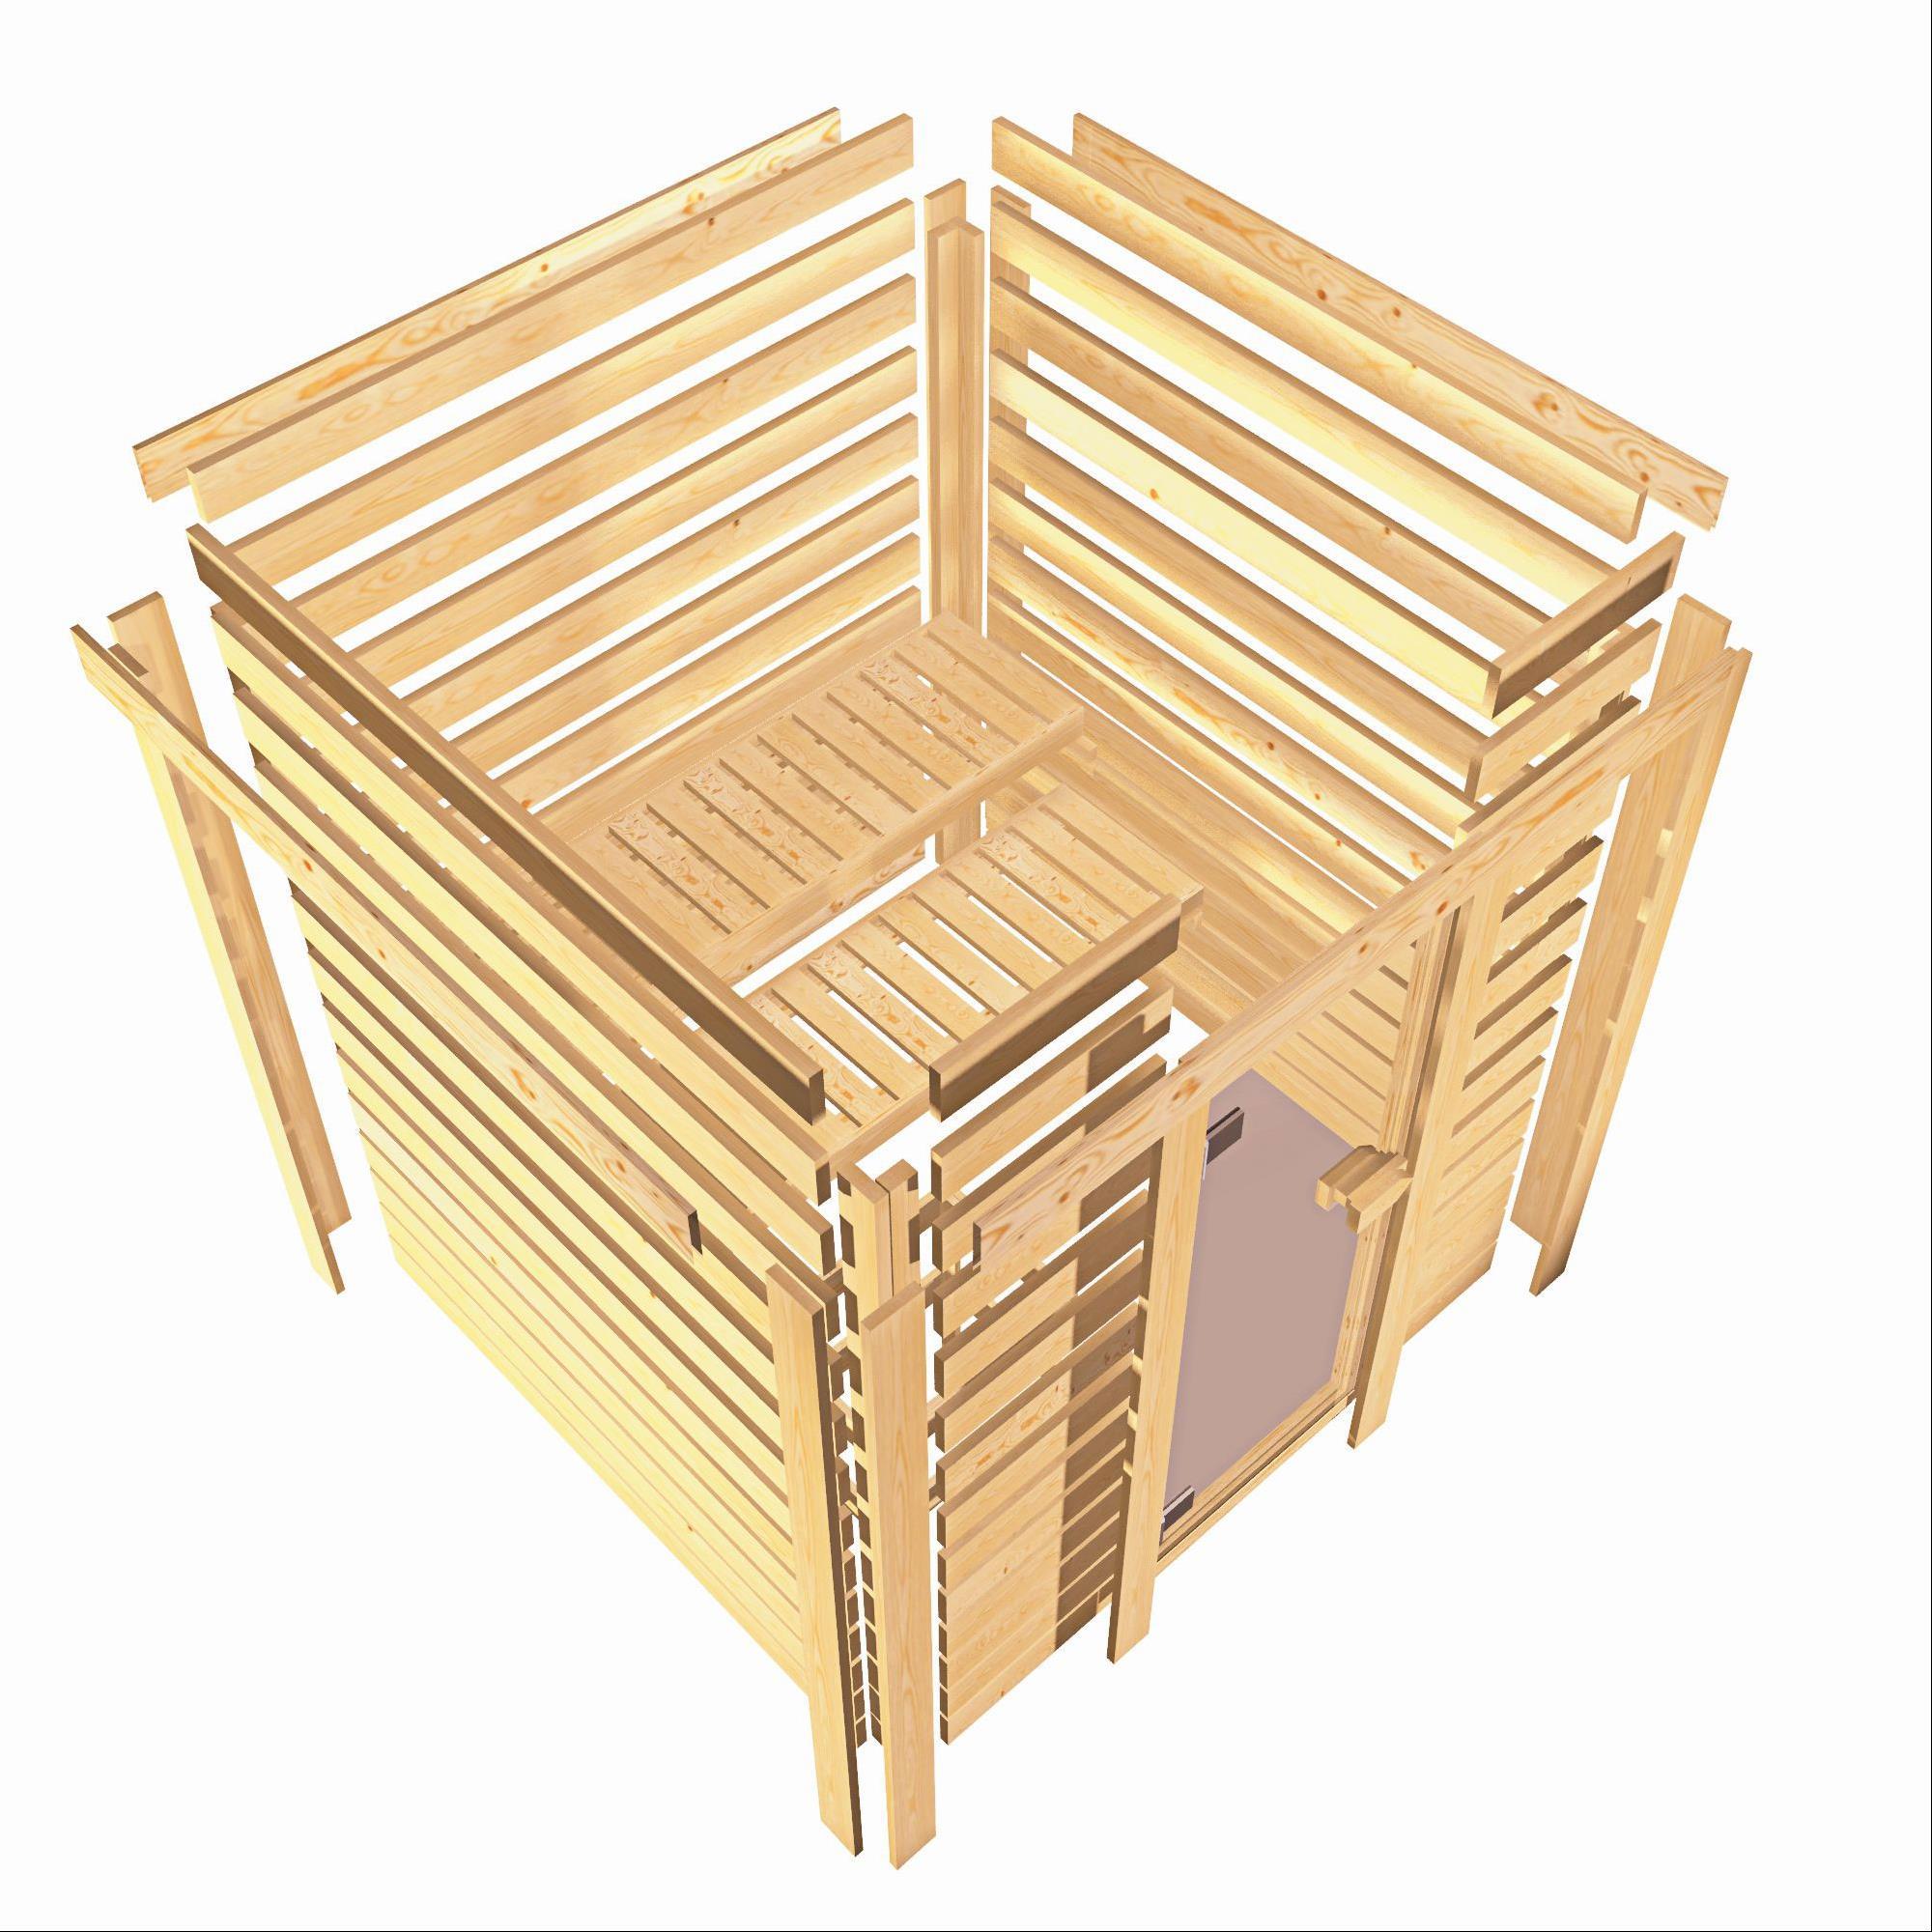 Woodfeeling Sauna Svenja 38mm mit Saunaofen 9 kW intern Classic Tür Bild 4